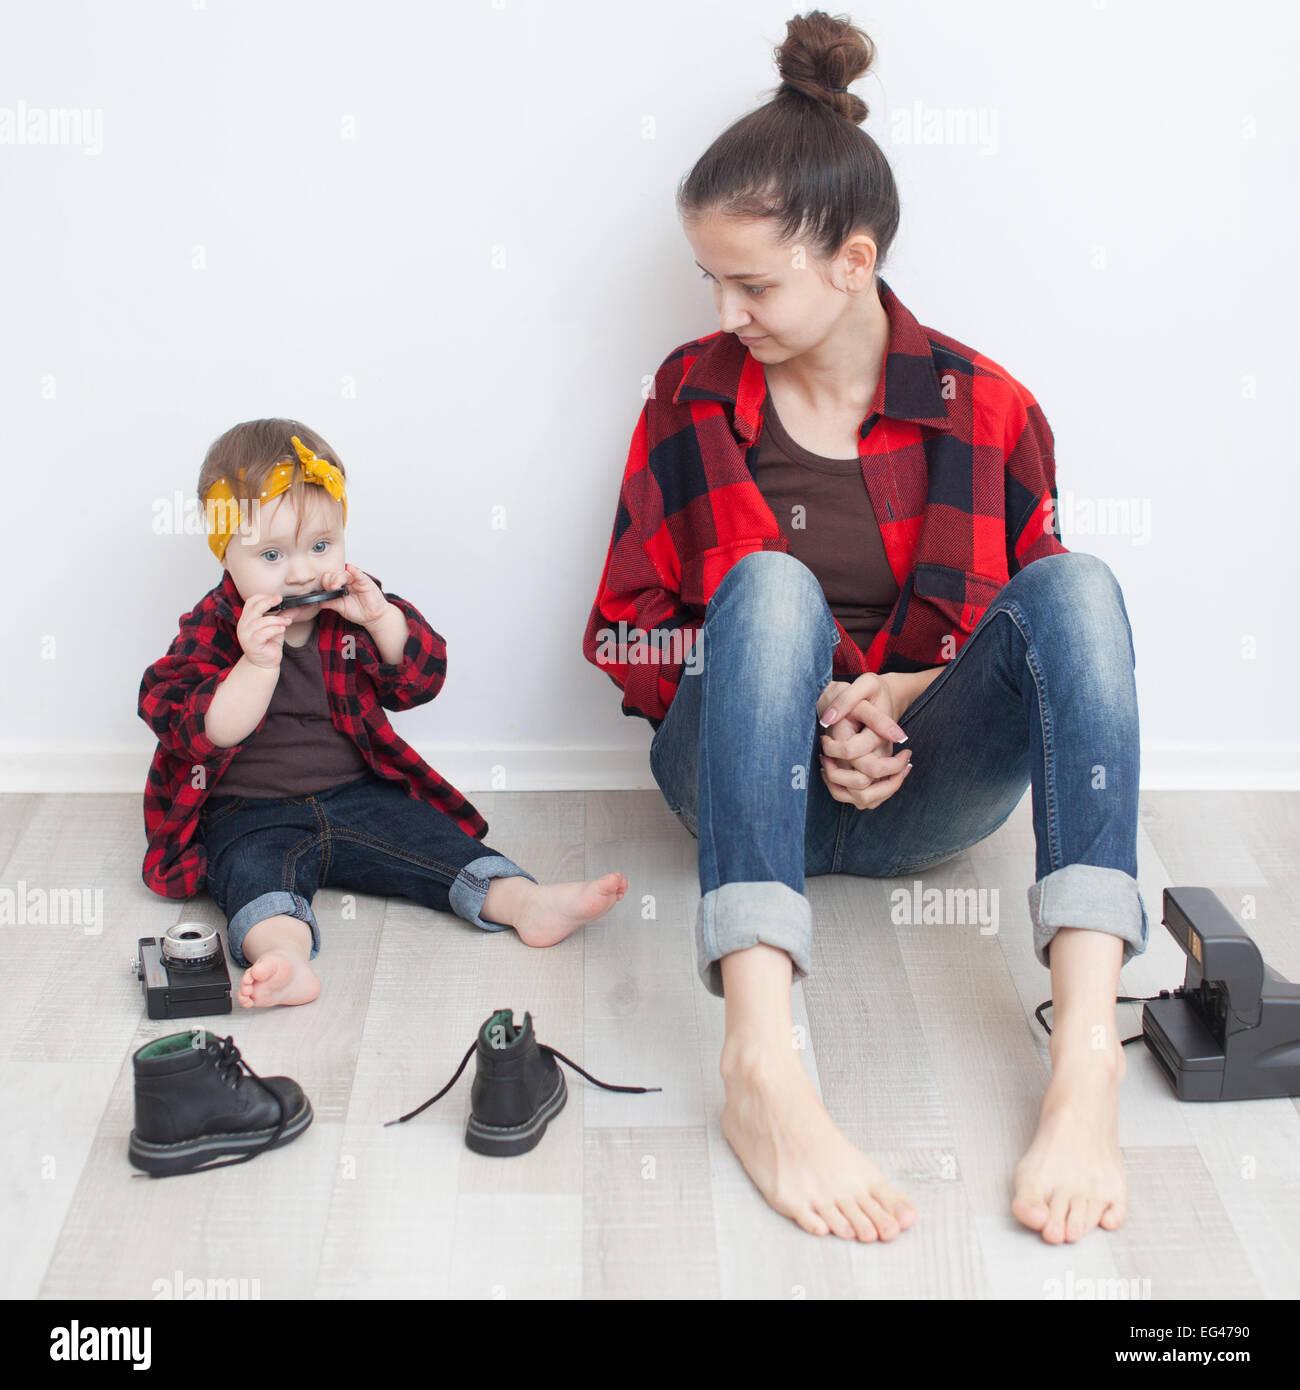 La madre e il bambino in rosso a scacchi camicie e jeans Immagini Stock